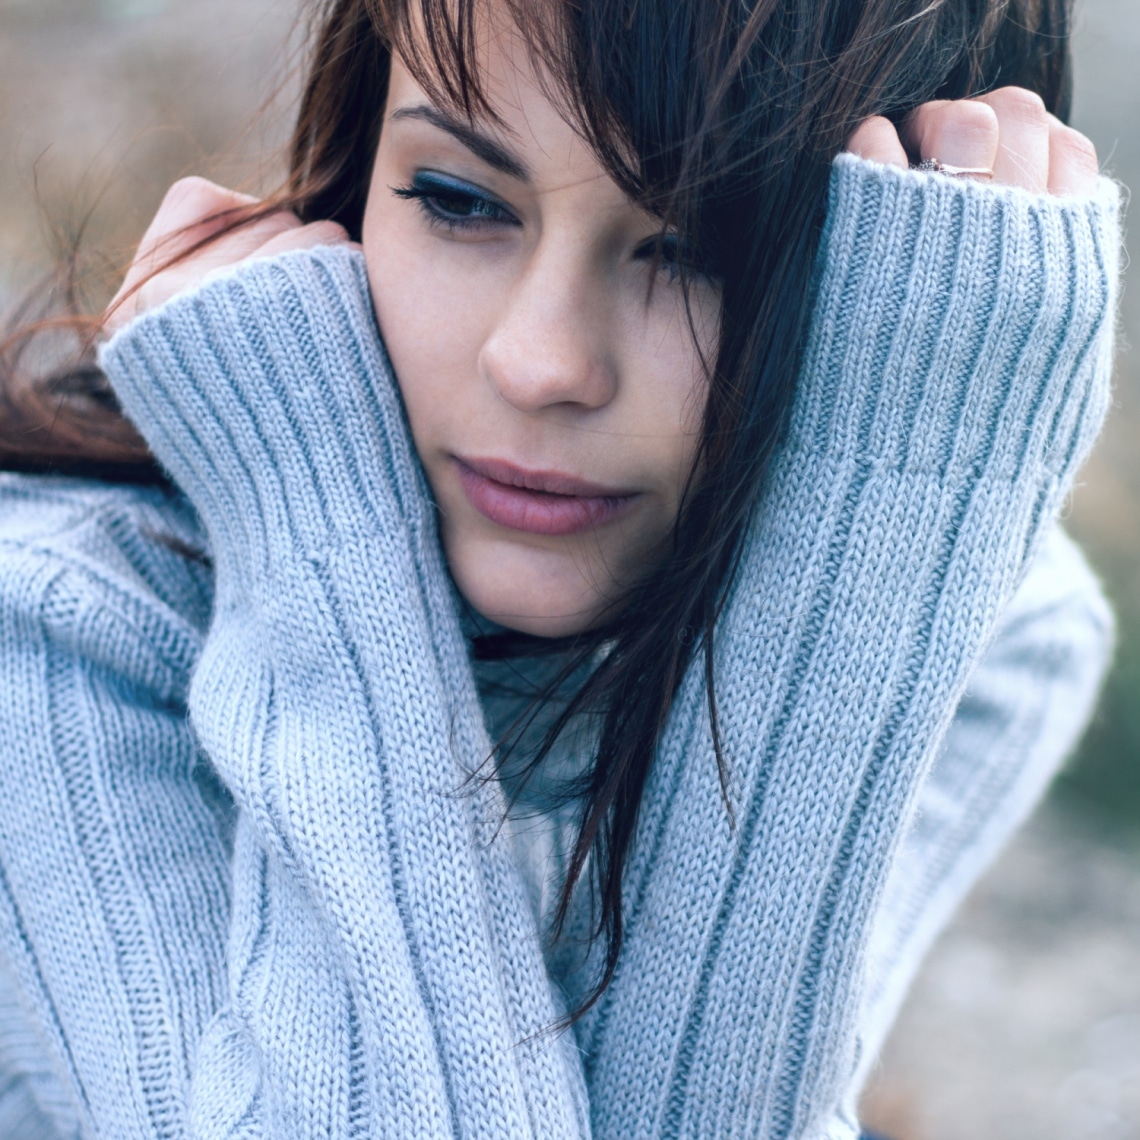 A rossz idő előhozza belőled a depressziót? 5 dolog, amit meg kell tenned, és jobban fogod érezni magad